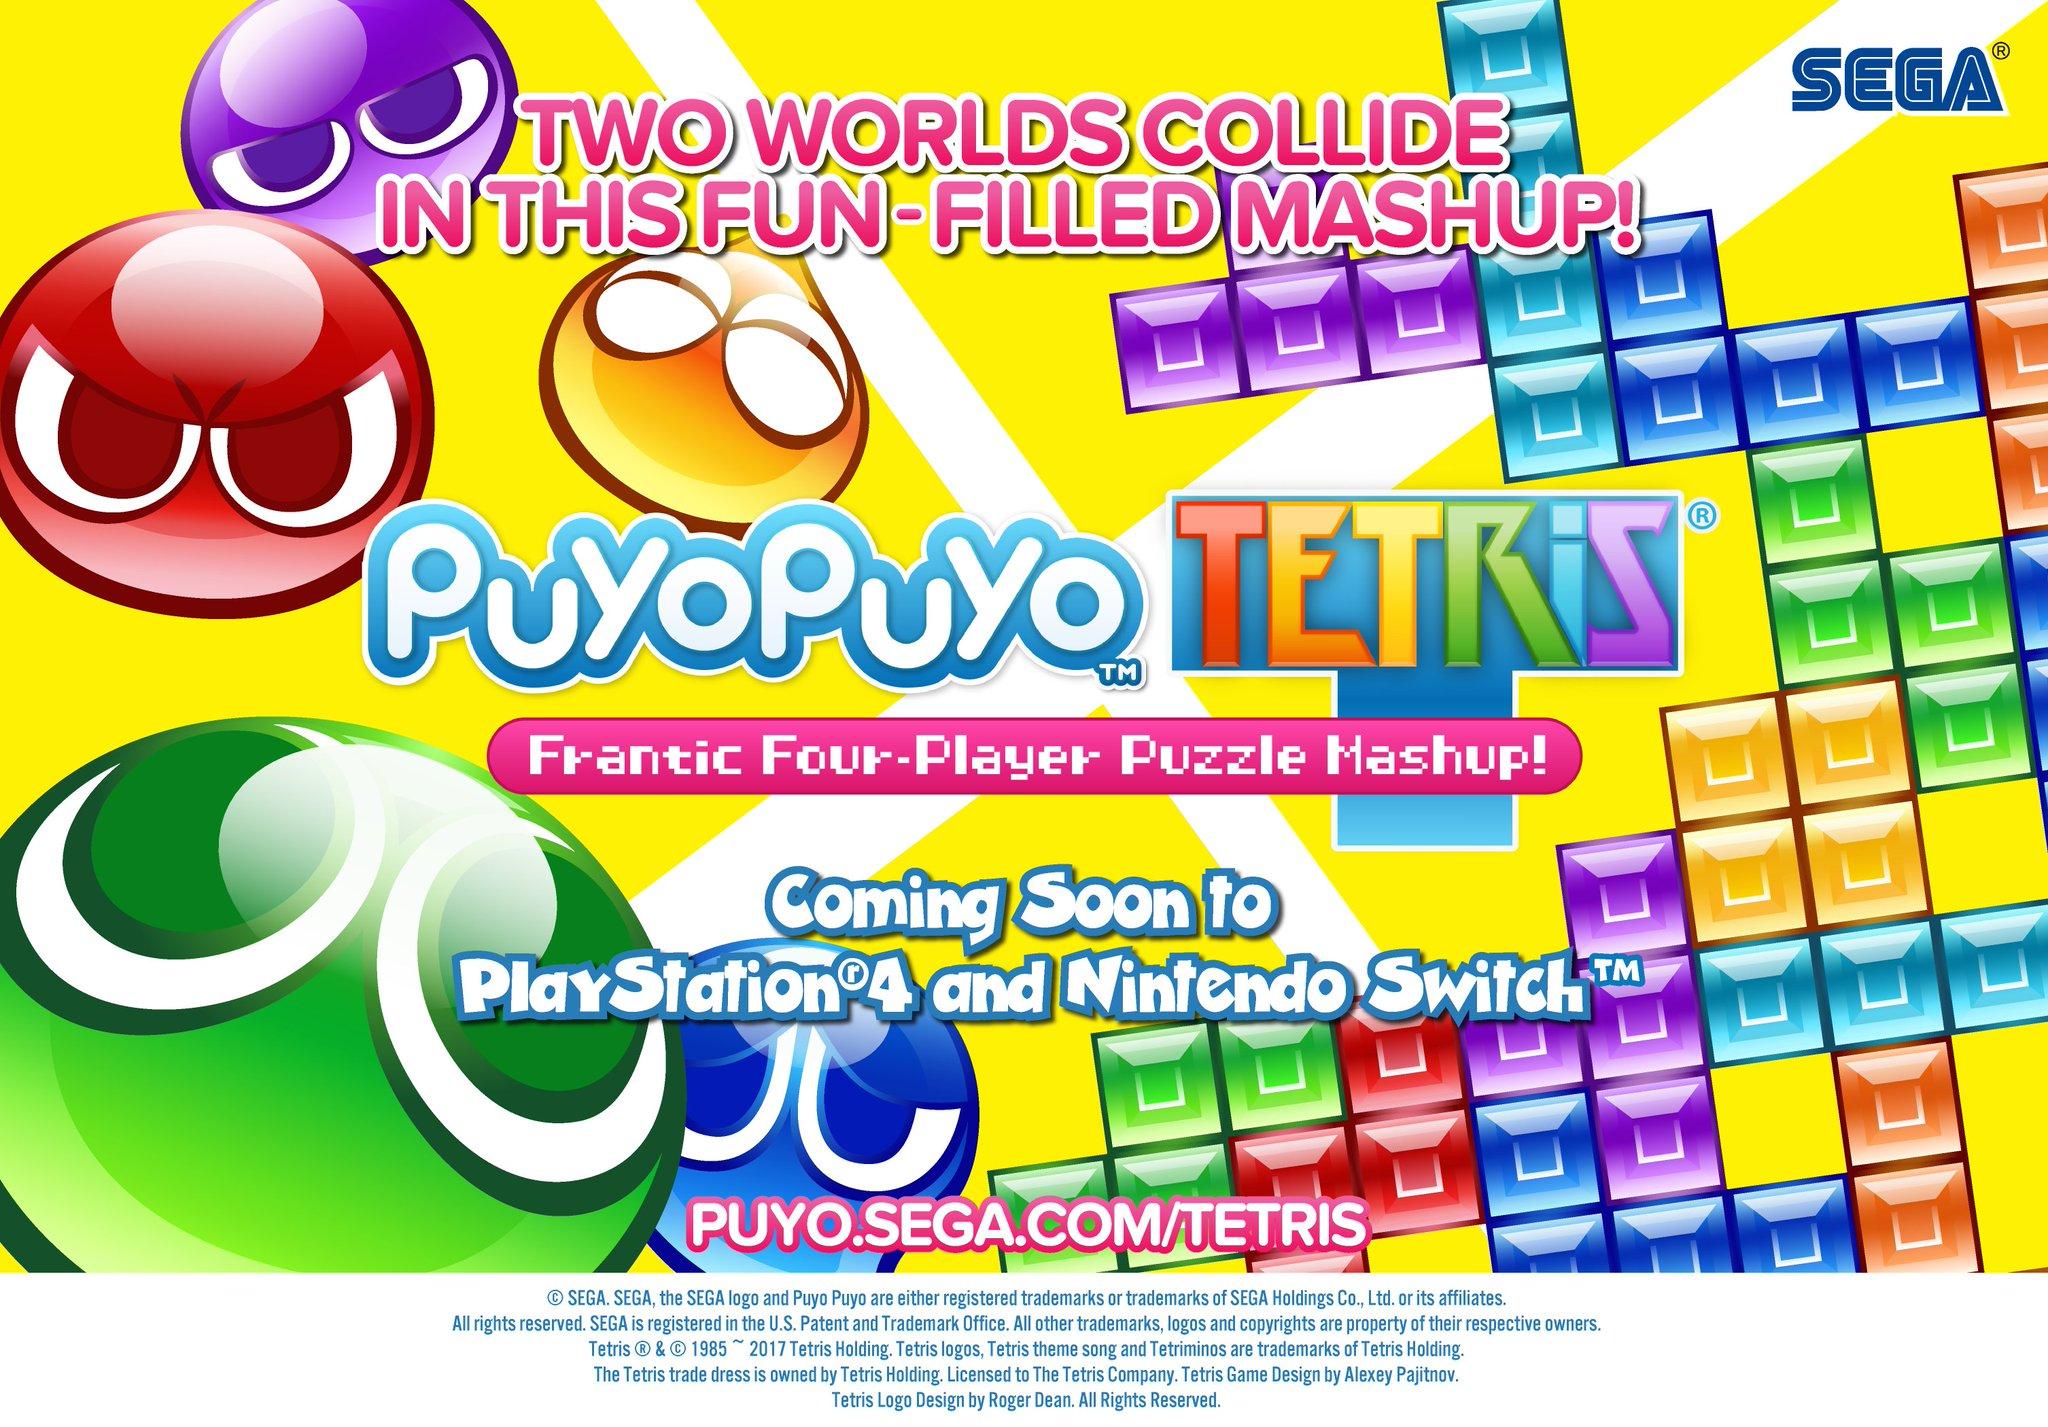 Puyo Puyo Tetris llegará a PS4 y traducido al inglés